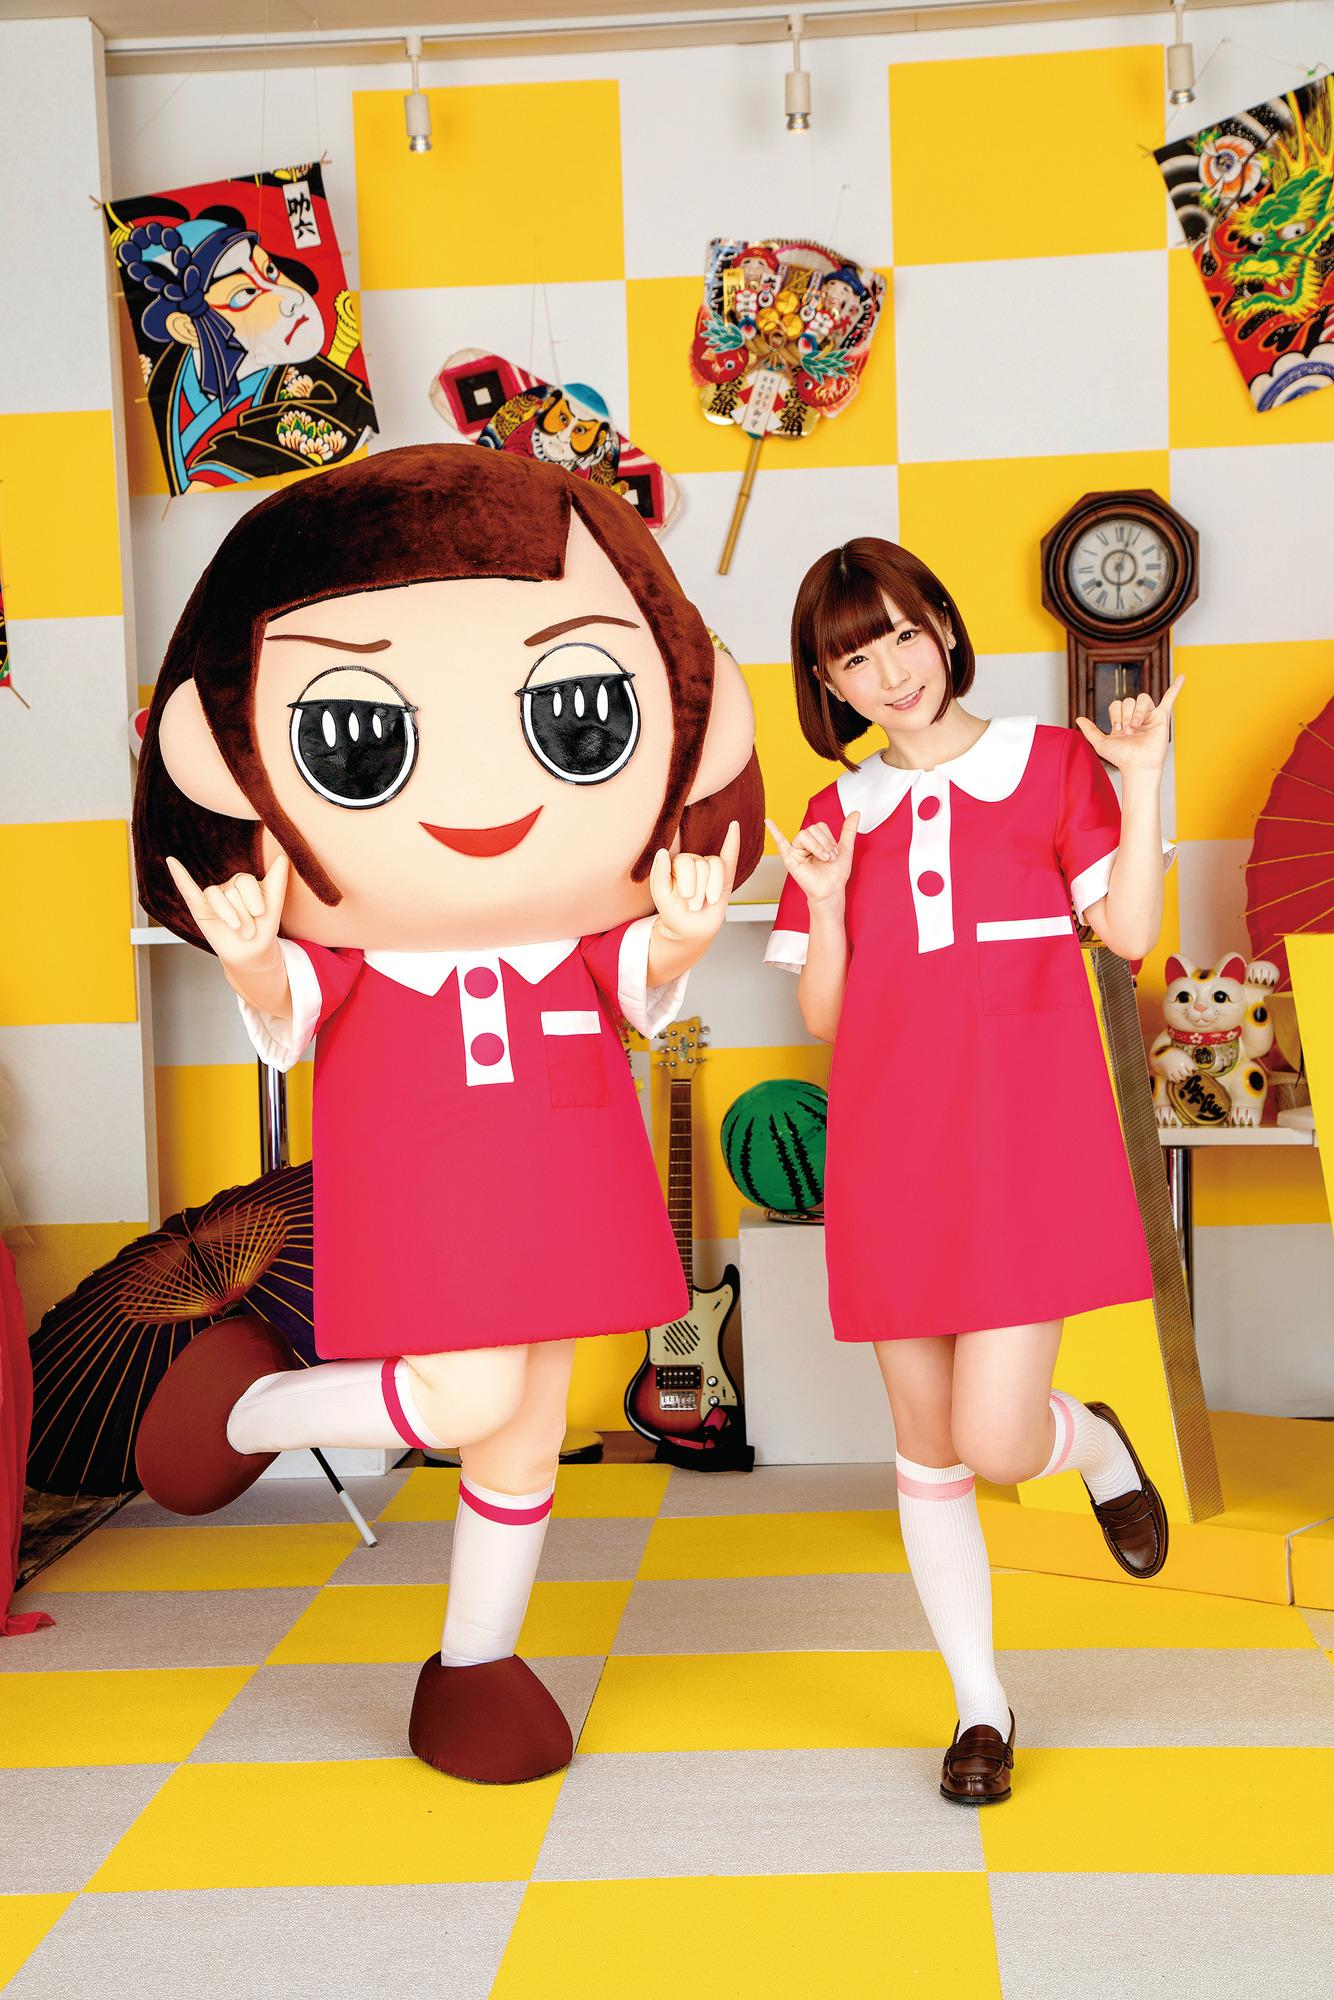 節目吉祥物AV版《恥骨醬》18禁冷知識交給「佐倉絆」的身體來解答!